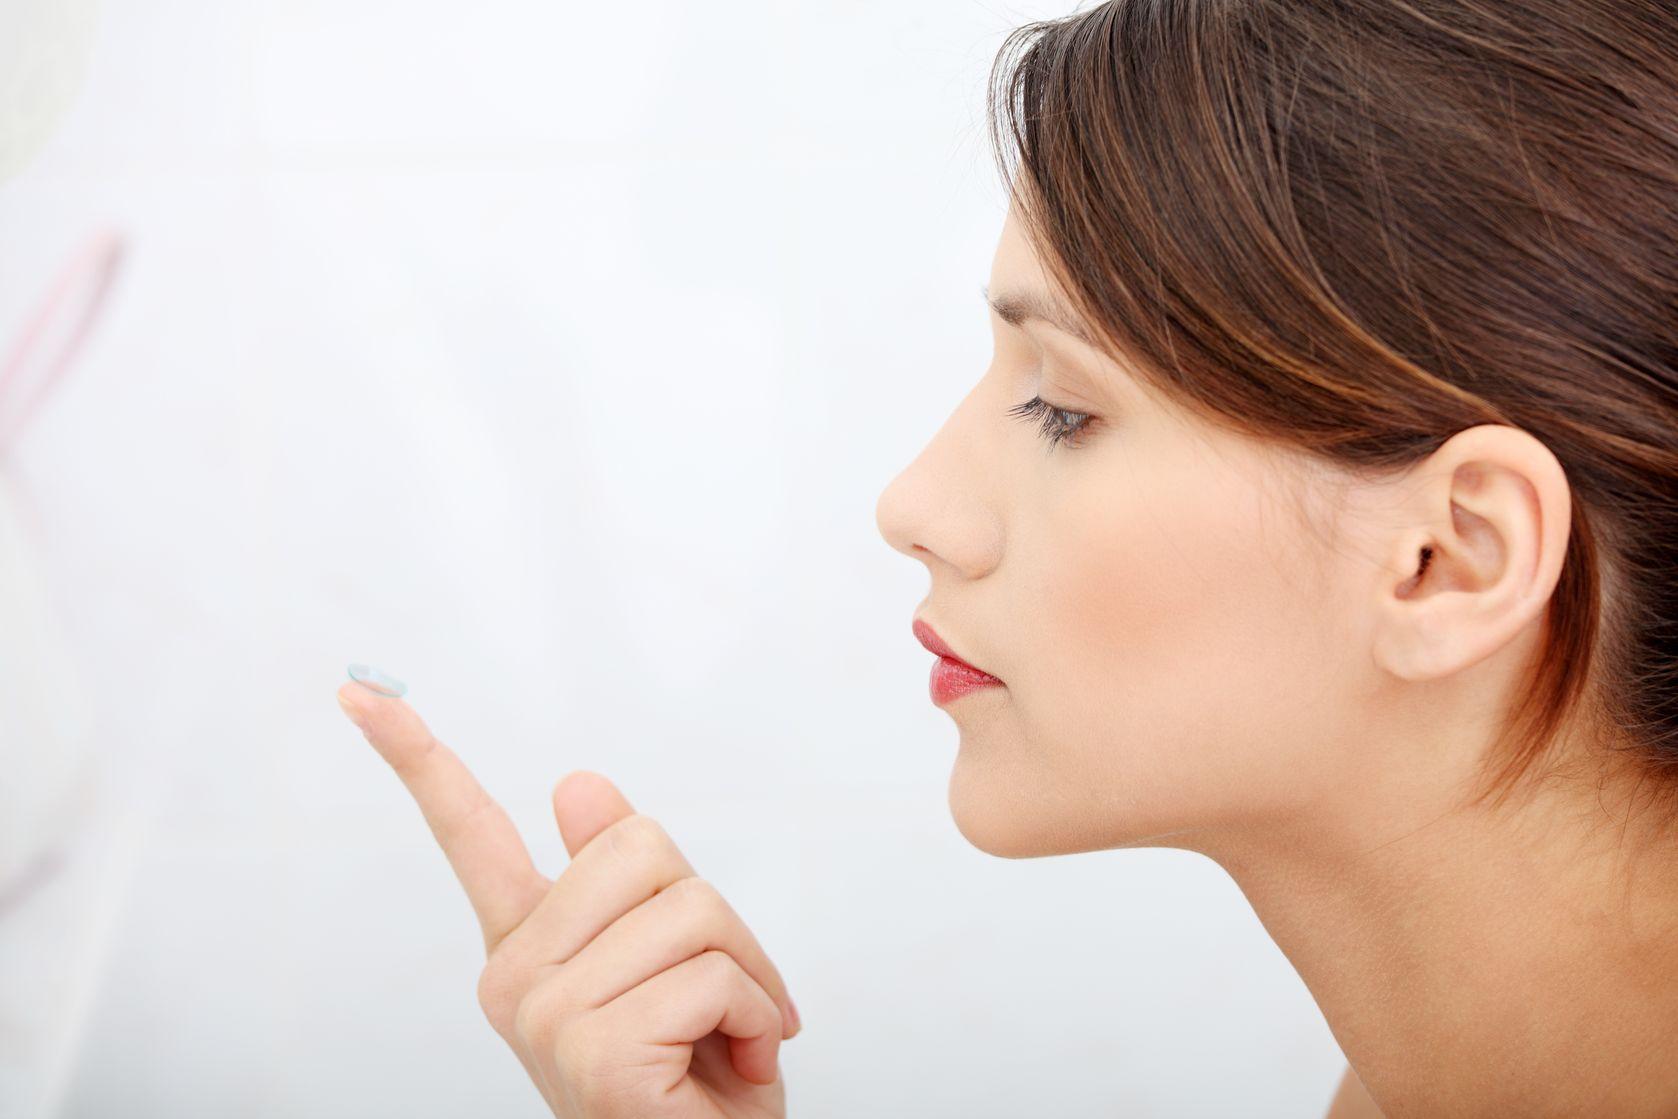 Mulher olhando para uma lentes de contato anuais sobre o dedo